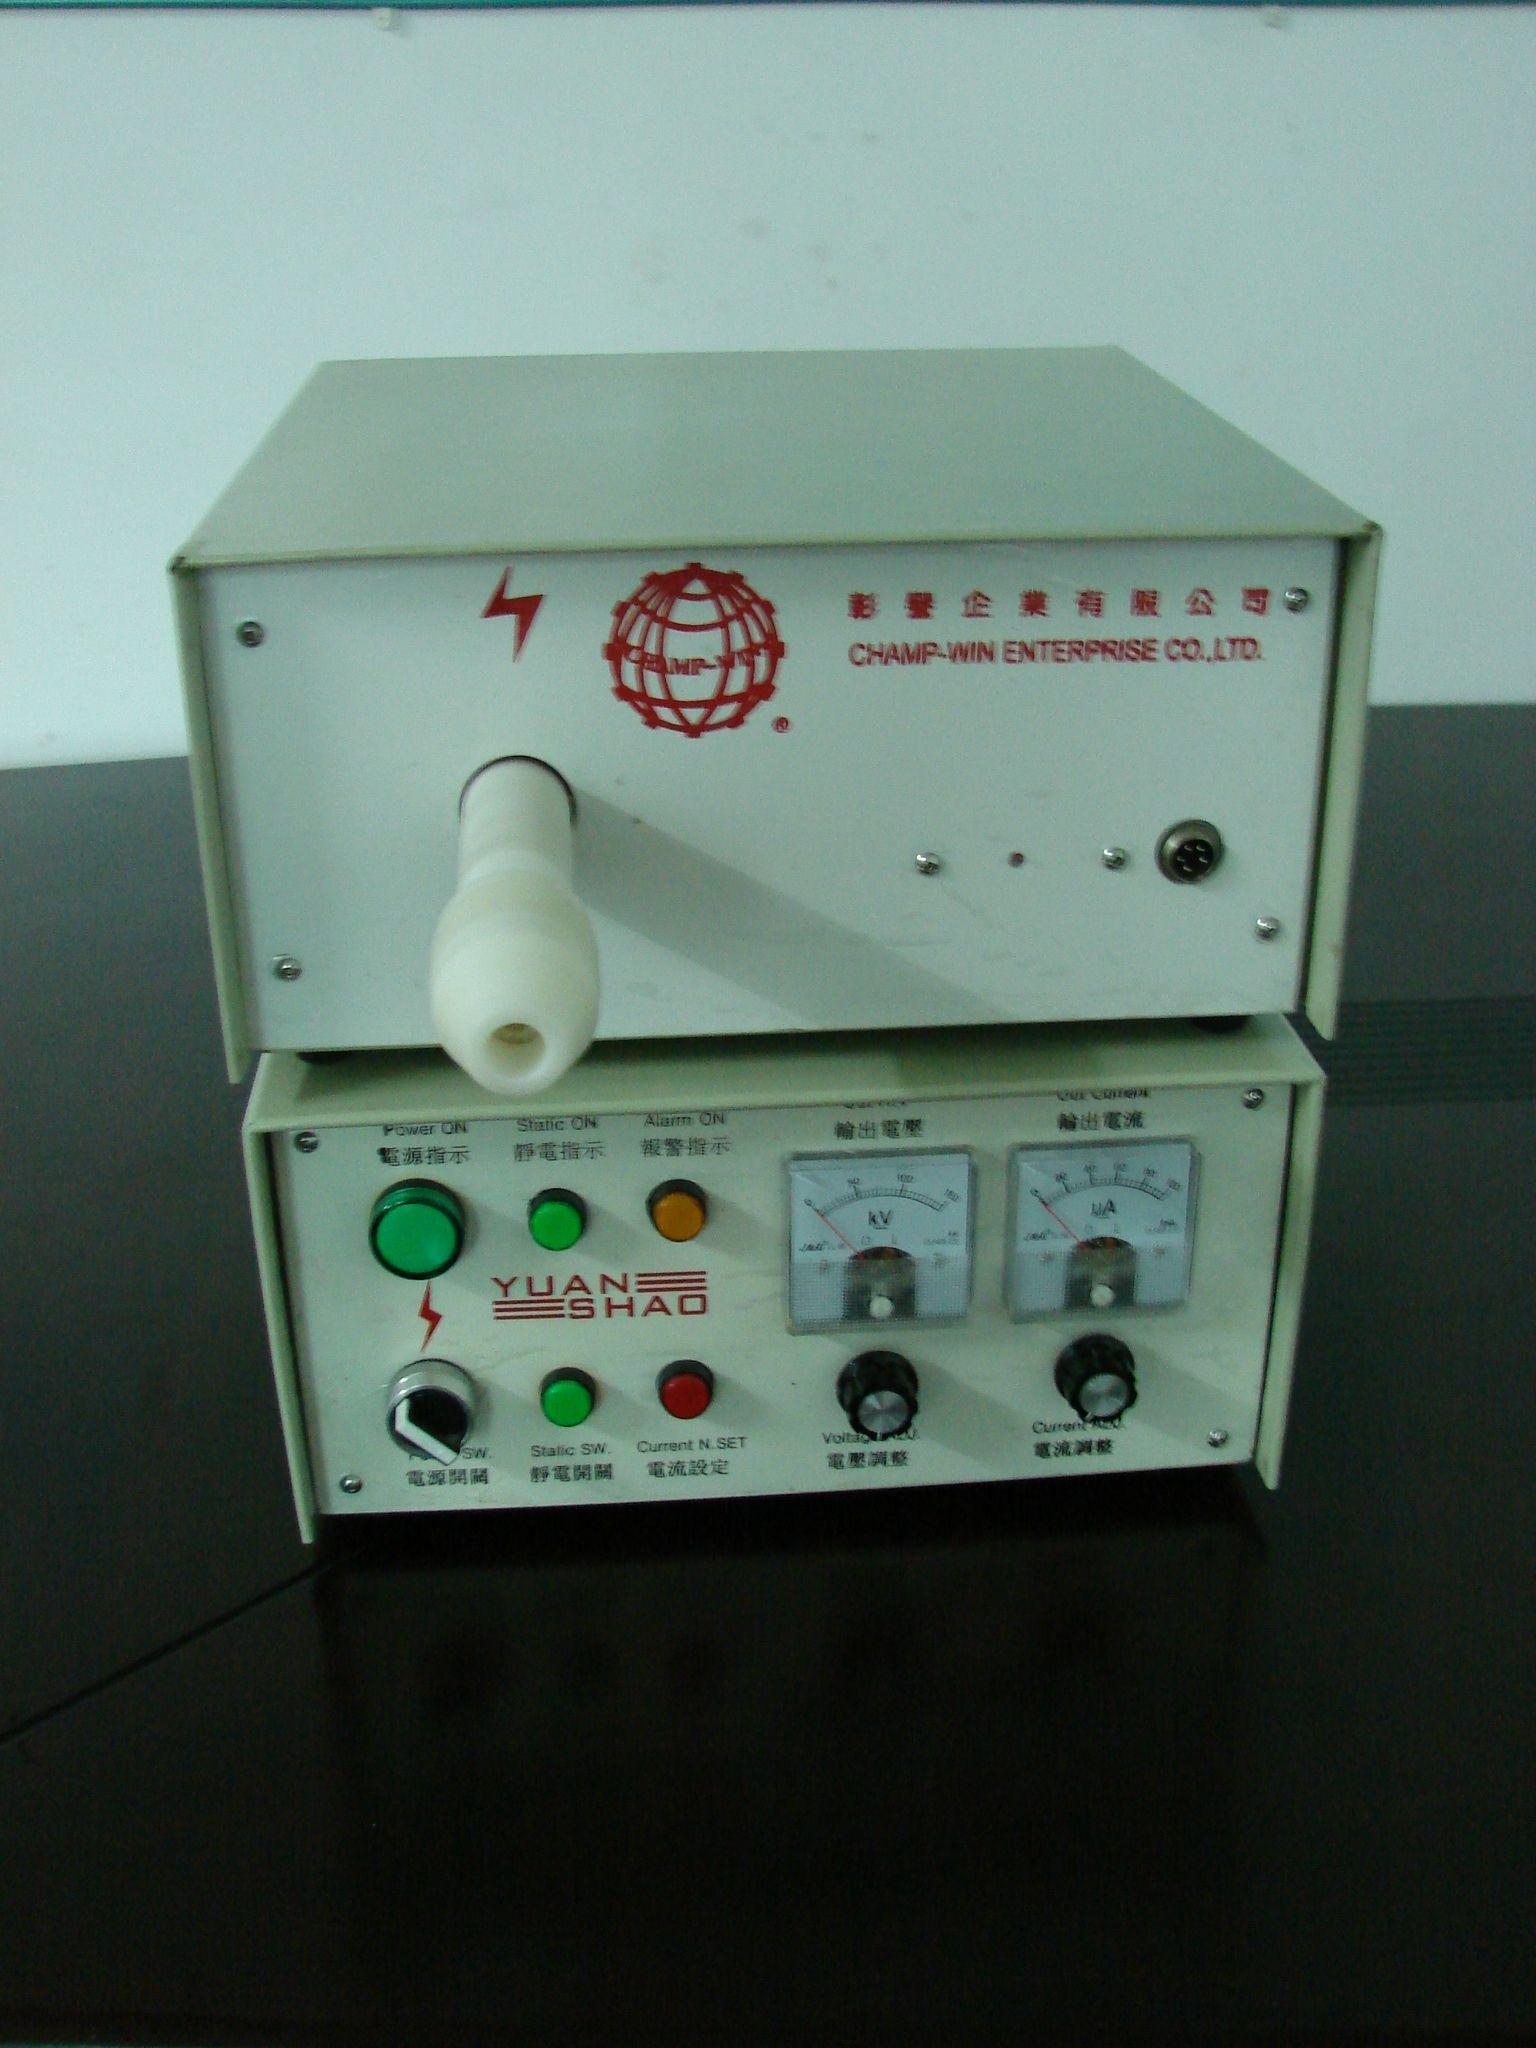 静电发生器具有喷涂质量好、降低油漆成本、效率高等优点。而且本静电系统具有过流、短路保护功能,对地放电不打火,直接碰地或工件距离过近,工人不慎碰触自动关闭系统,安全系数高 技术参数:脉冲峰值电压: 0  120KV 输出电流: 0  100UA环境温度: -15  ~50环境湿度: 95%尺寸: 330*150*330mm重量: 3KG 更多产品请浏览: